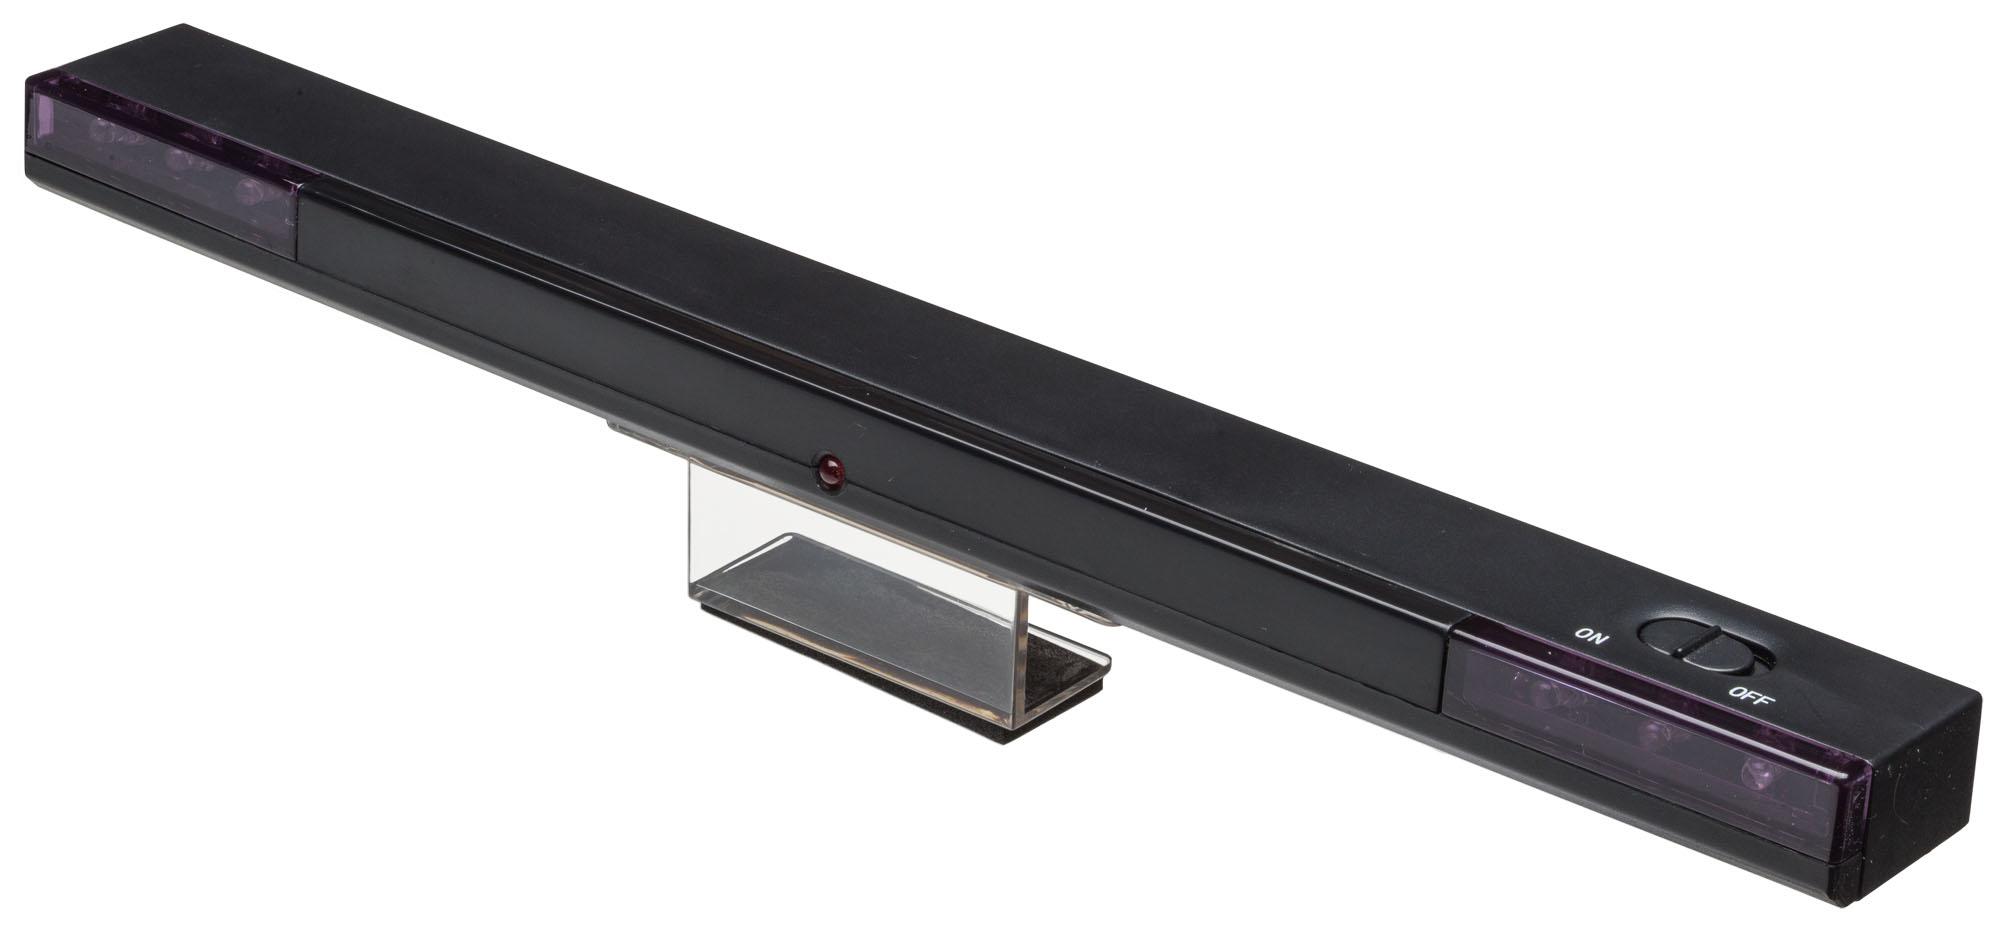 Bigben Interactive Funk- bzw. Kabel-Sensorleiste für Nintendo Wii für 12,99 Euro